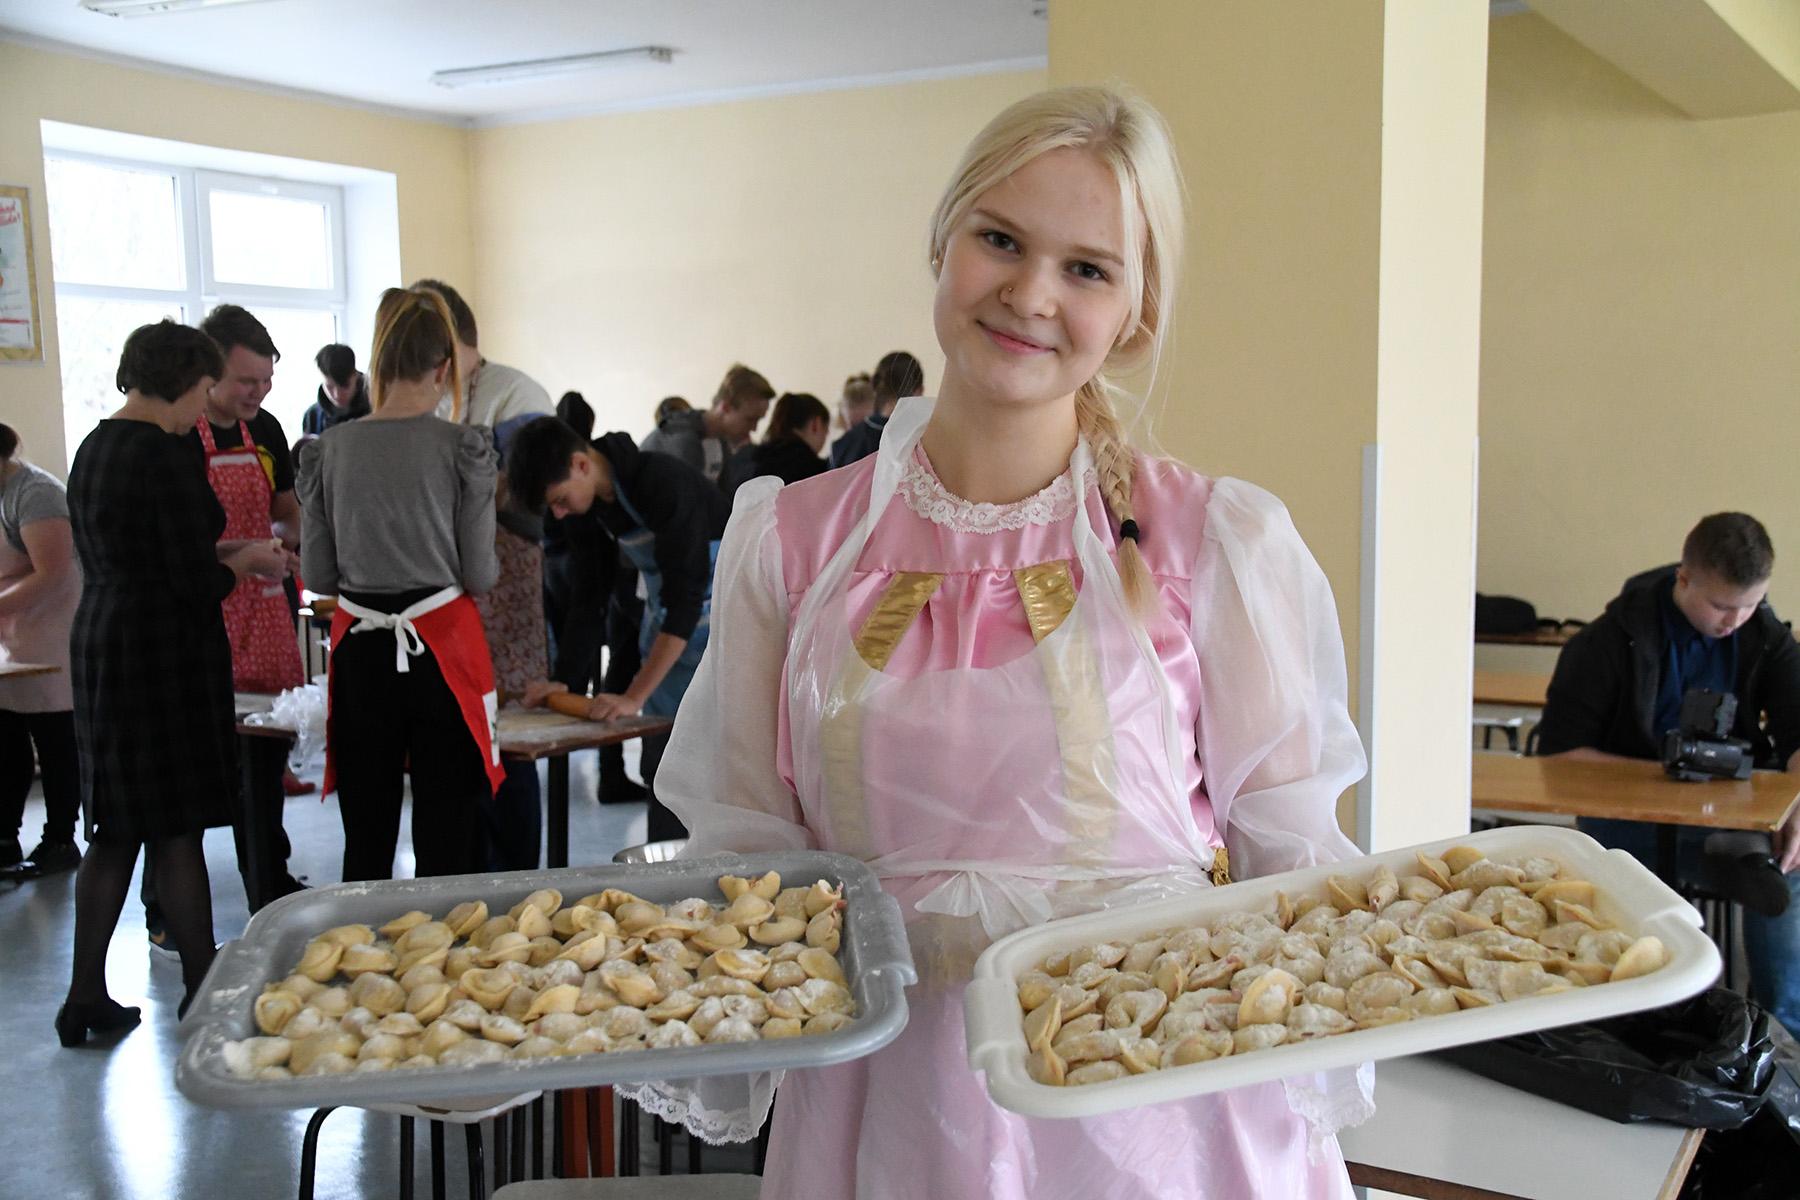 Pärnumaa vene keele päeval valmistati Sindi gümnaasiumis pelmeene. Pildil Milena Kostjukova. Foto Urmas Saard